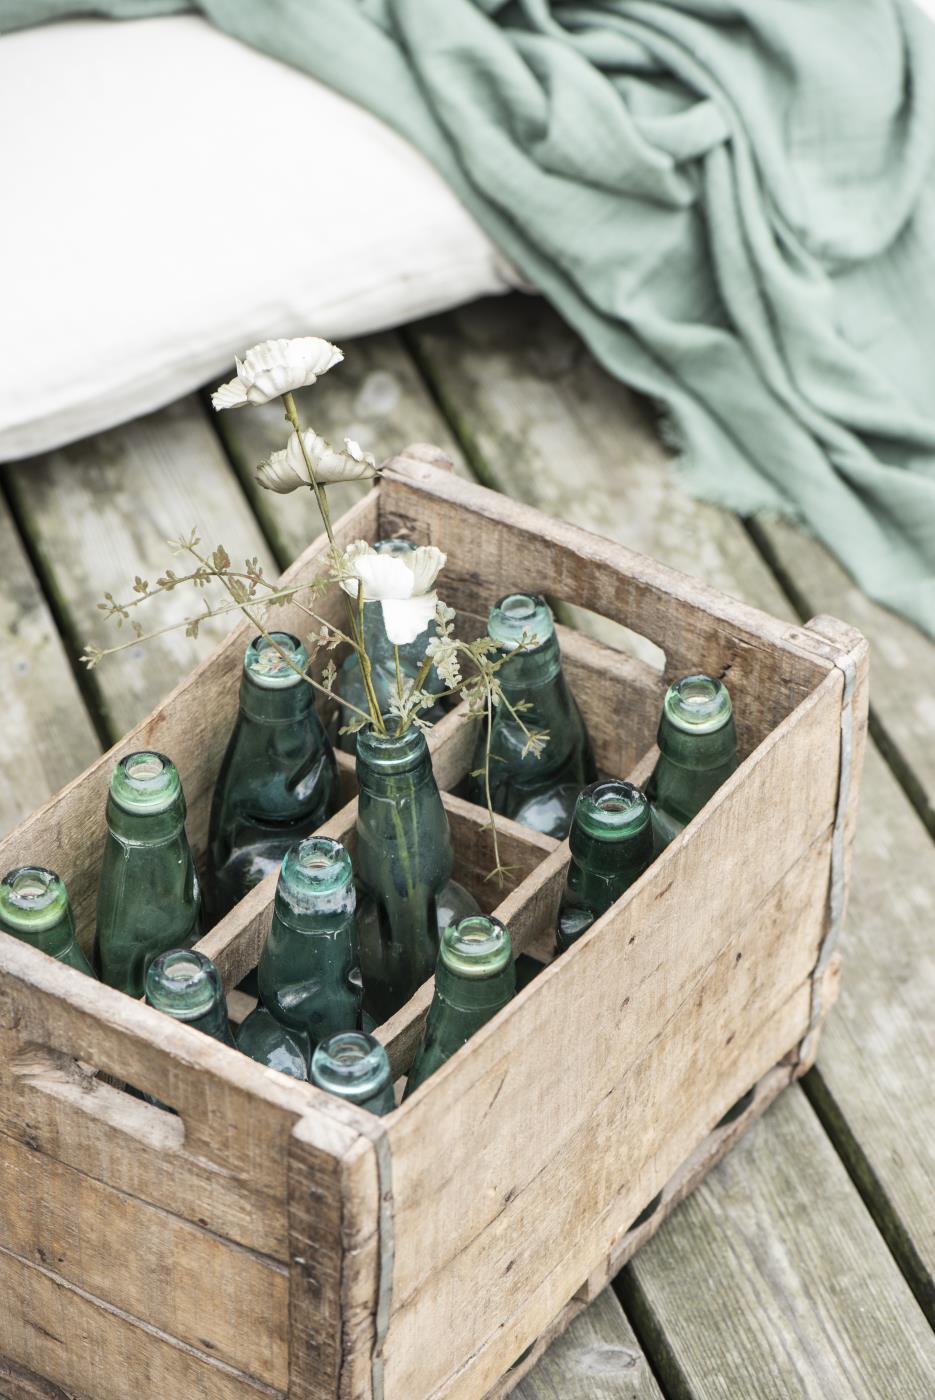 Körbe und Kisten für den Garten von IB Laursen, Bild 1